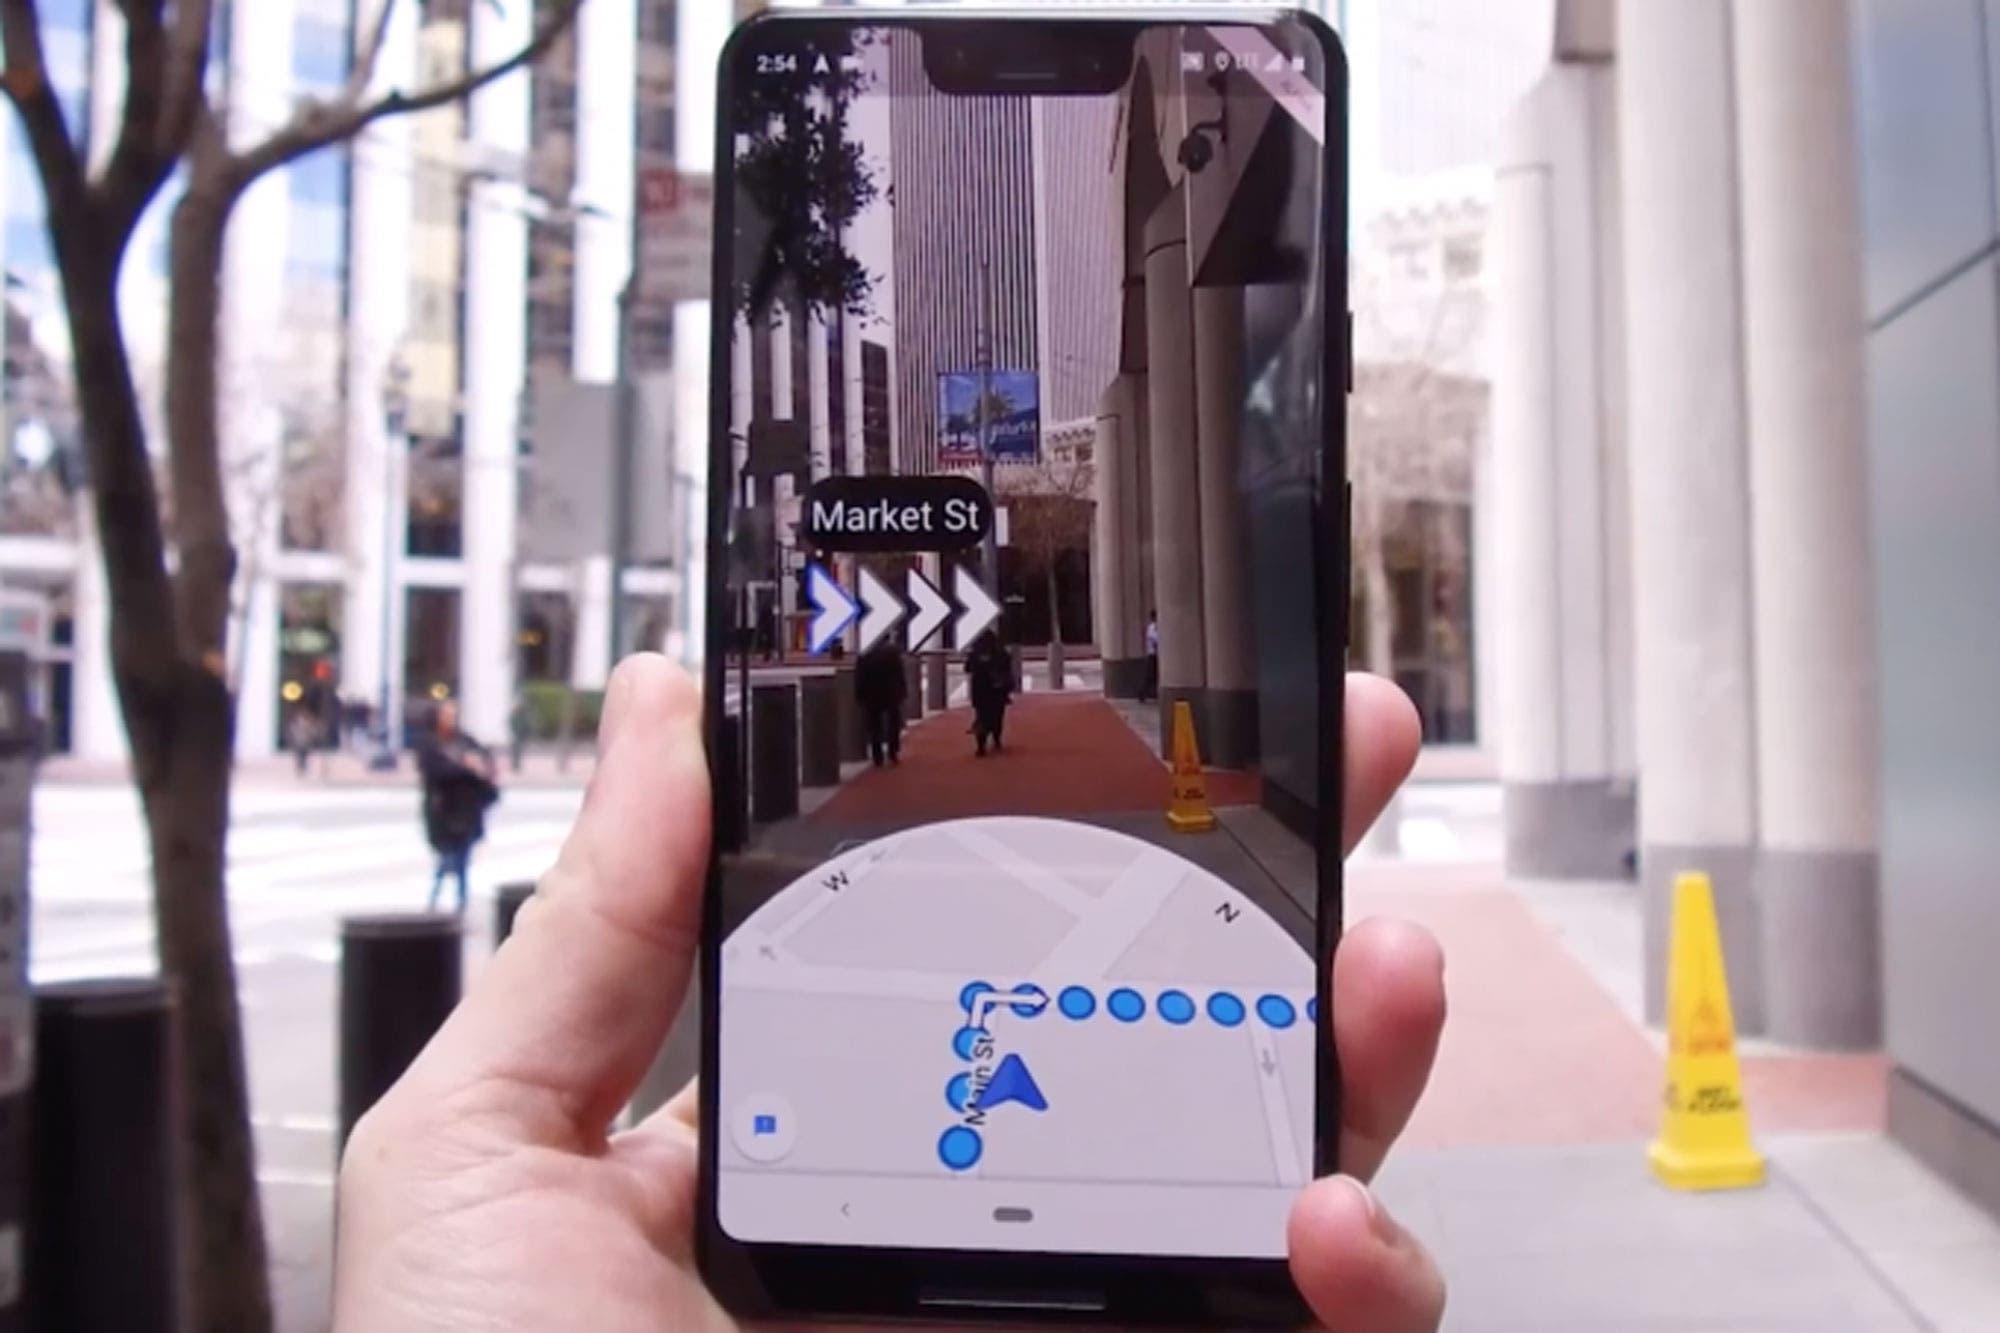 Así funciona Live View, las indicaciones con realidad aumentada de Google Maps al estilo Pokémon Go